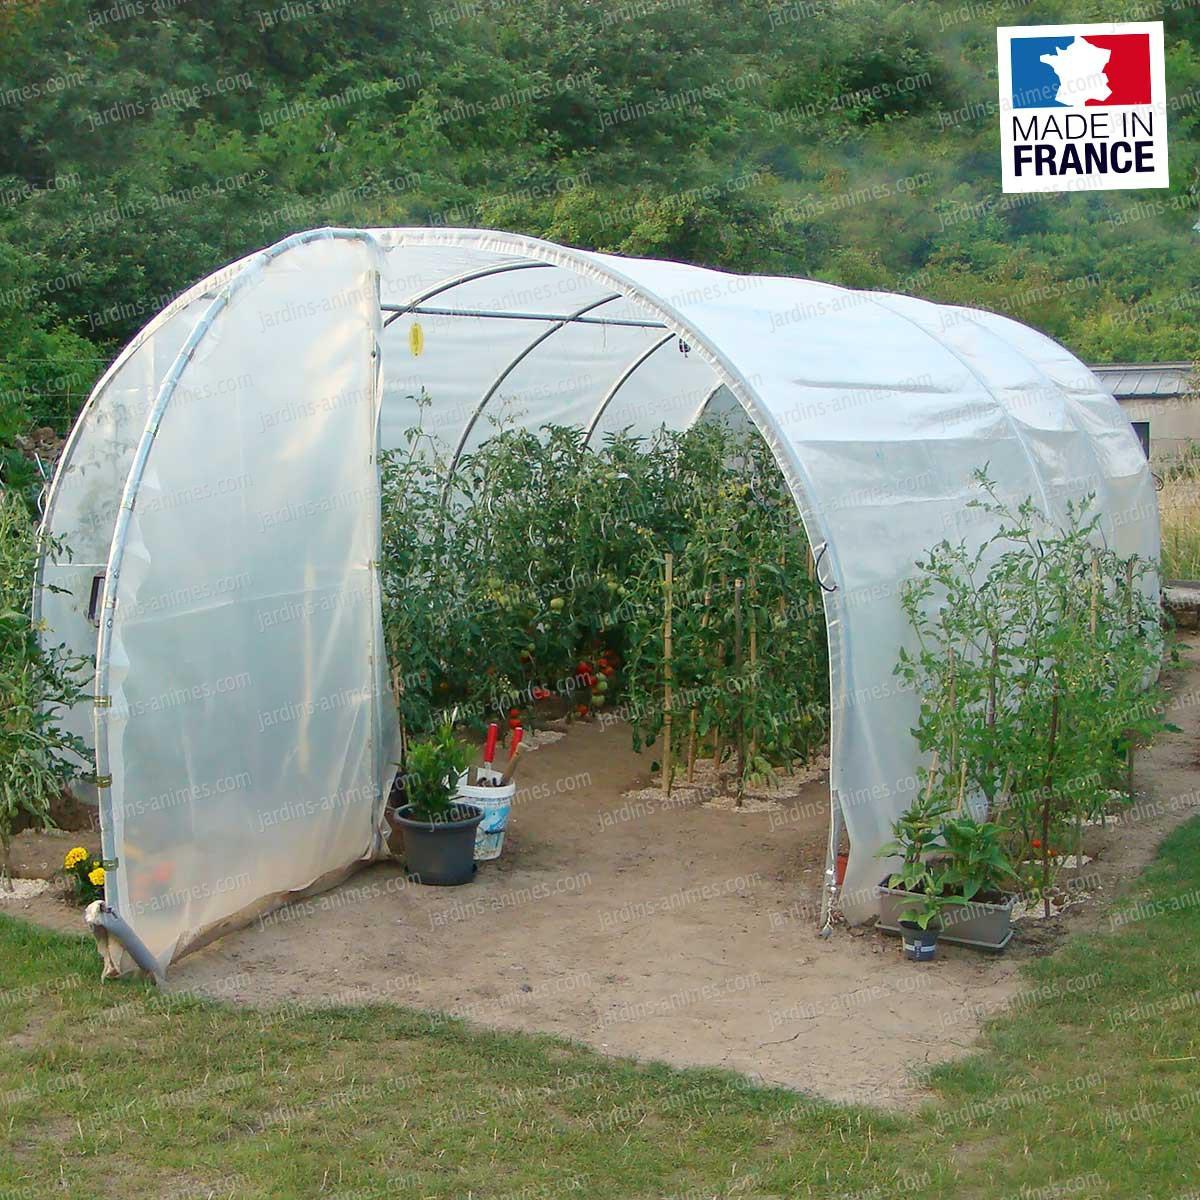 Serre De Jardin Polycarbonate 18M2 - Veranda Et Abri Jardin pour Serre De Jardin 18M2 Polycarbonate